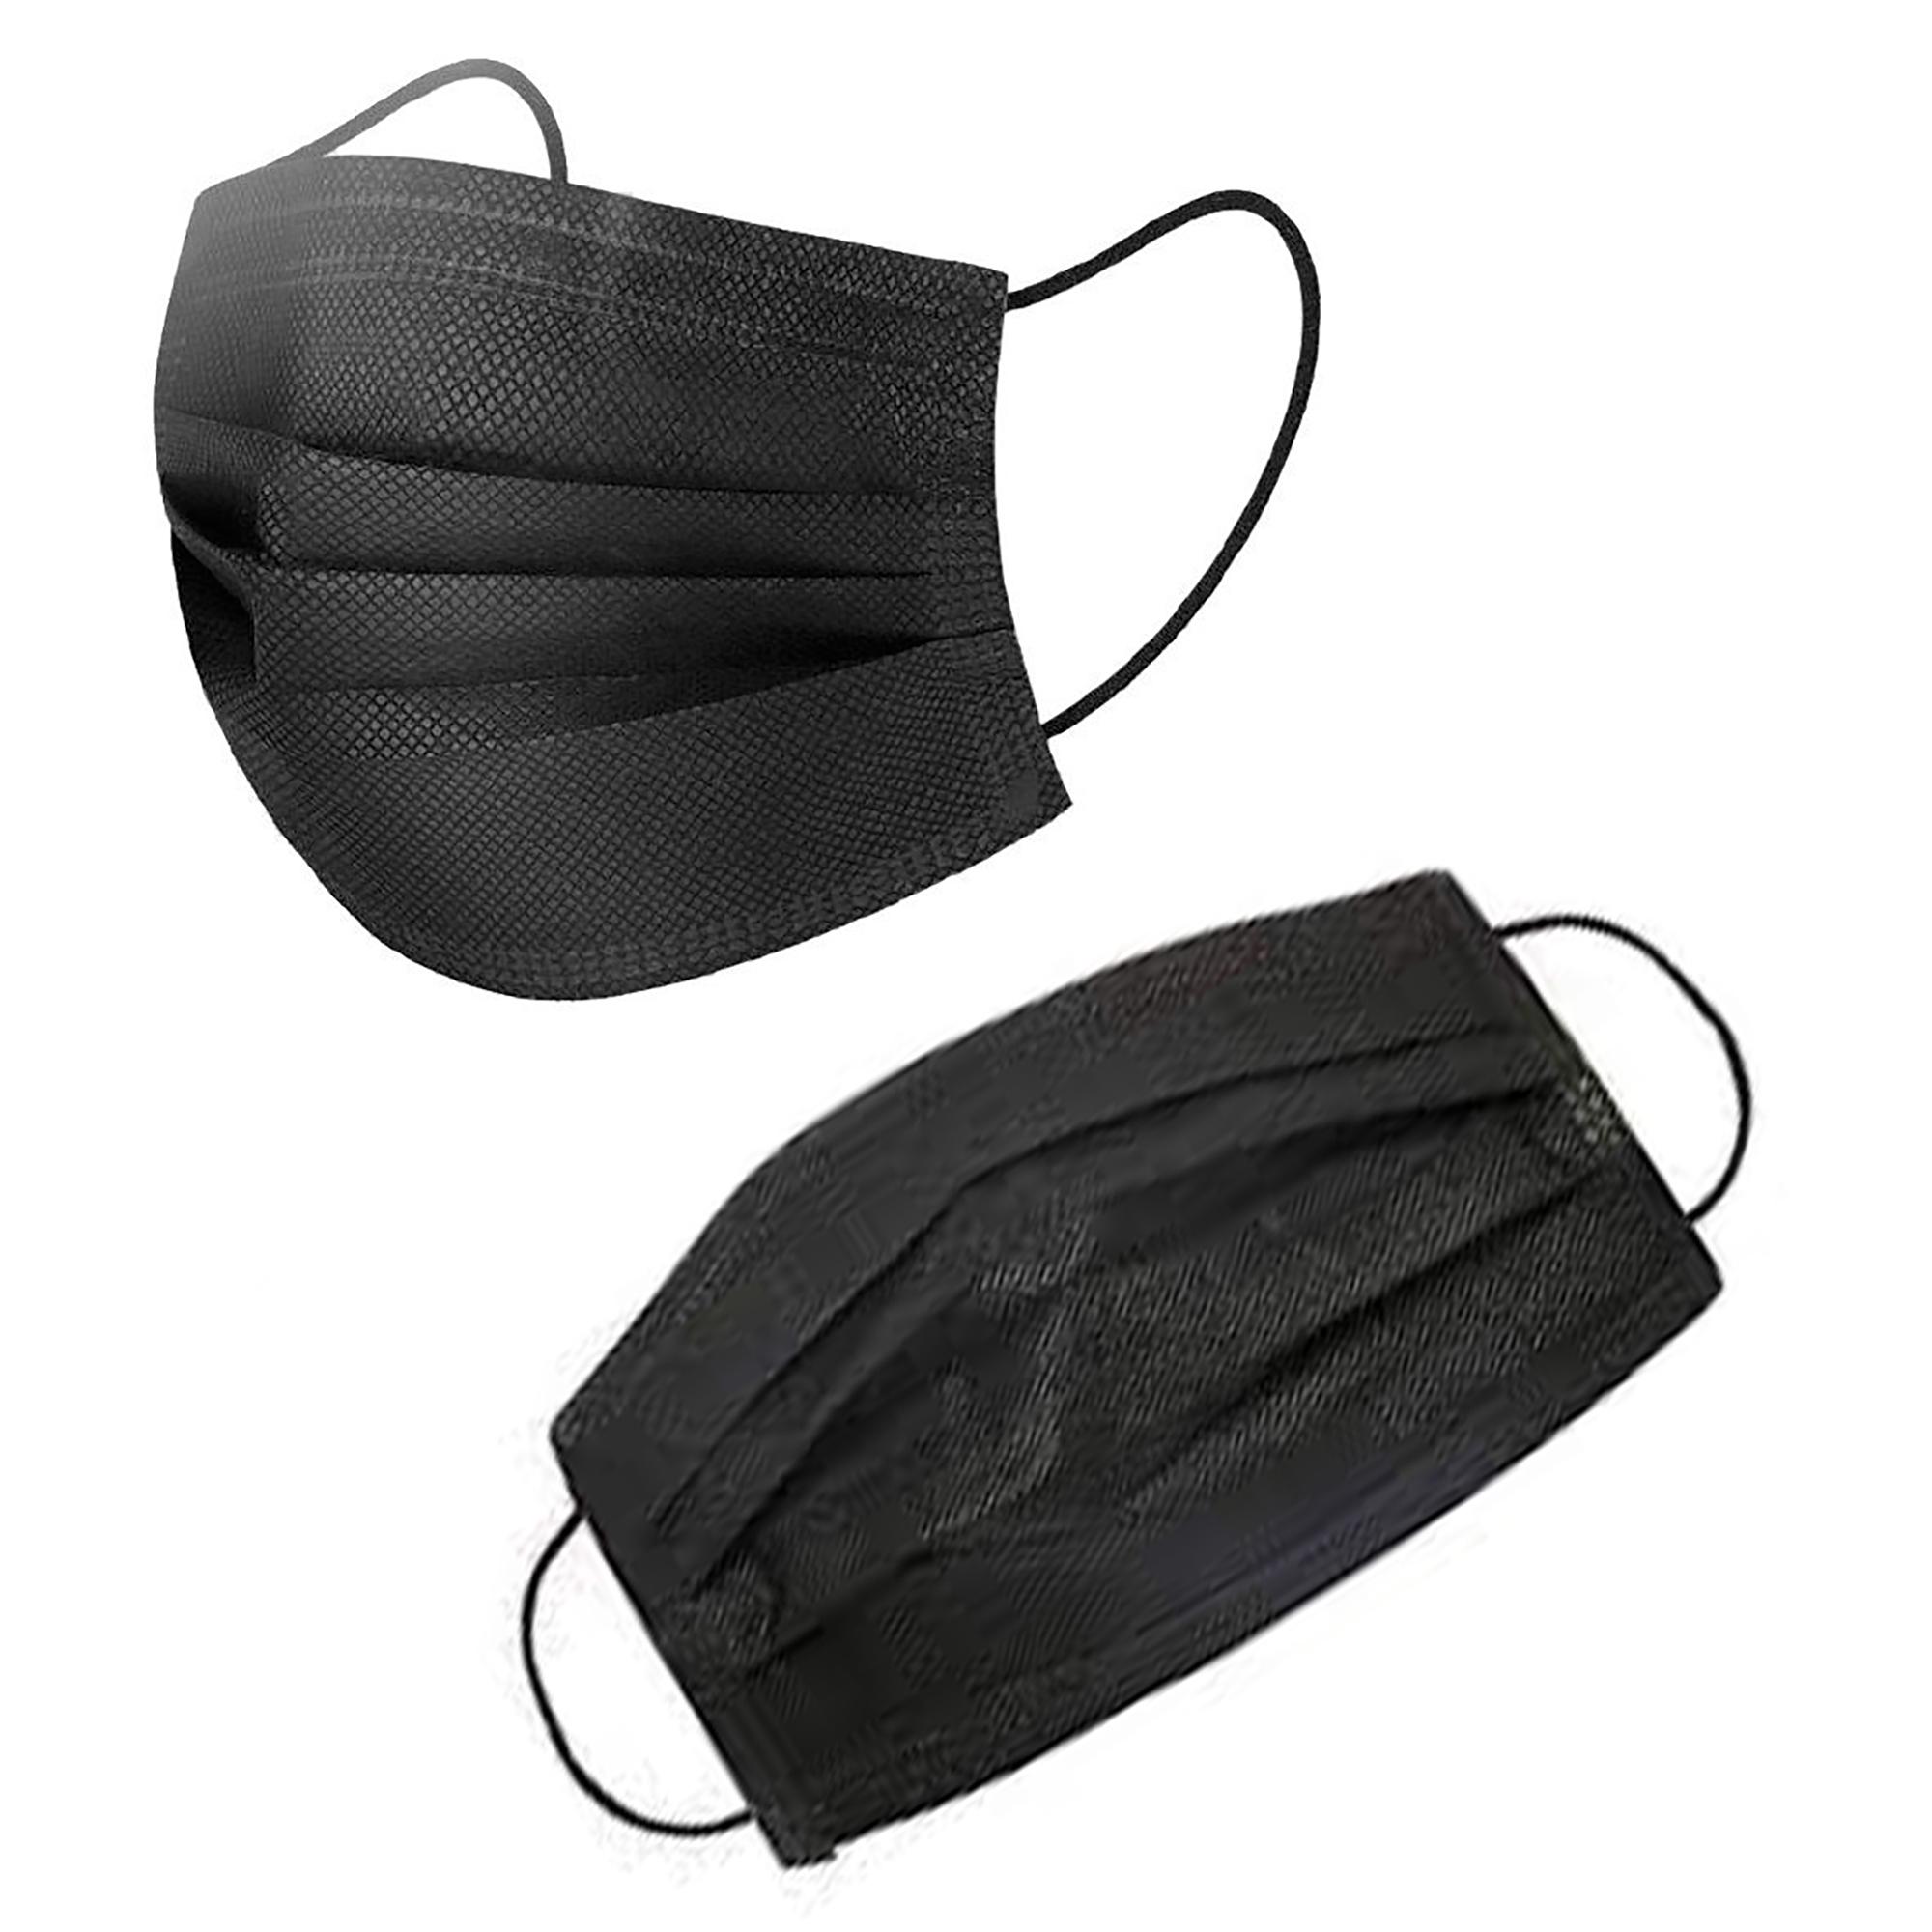 ماسک تنفسی کلینل مدل 3 لایه ملت بلون دار بسته 50 عددی